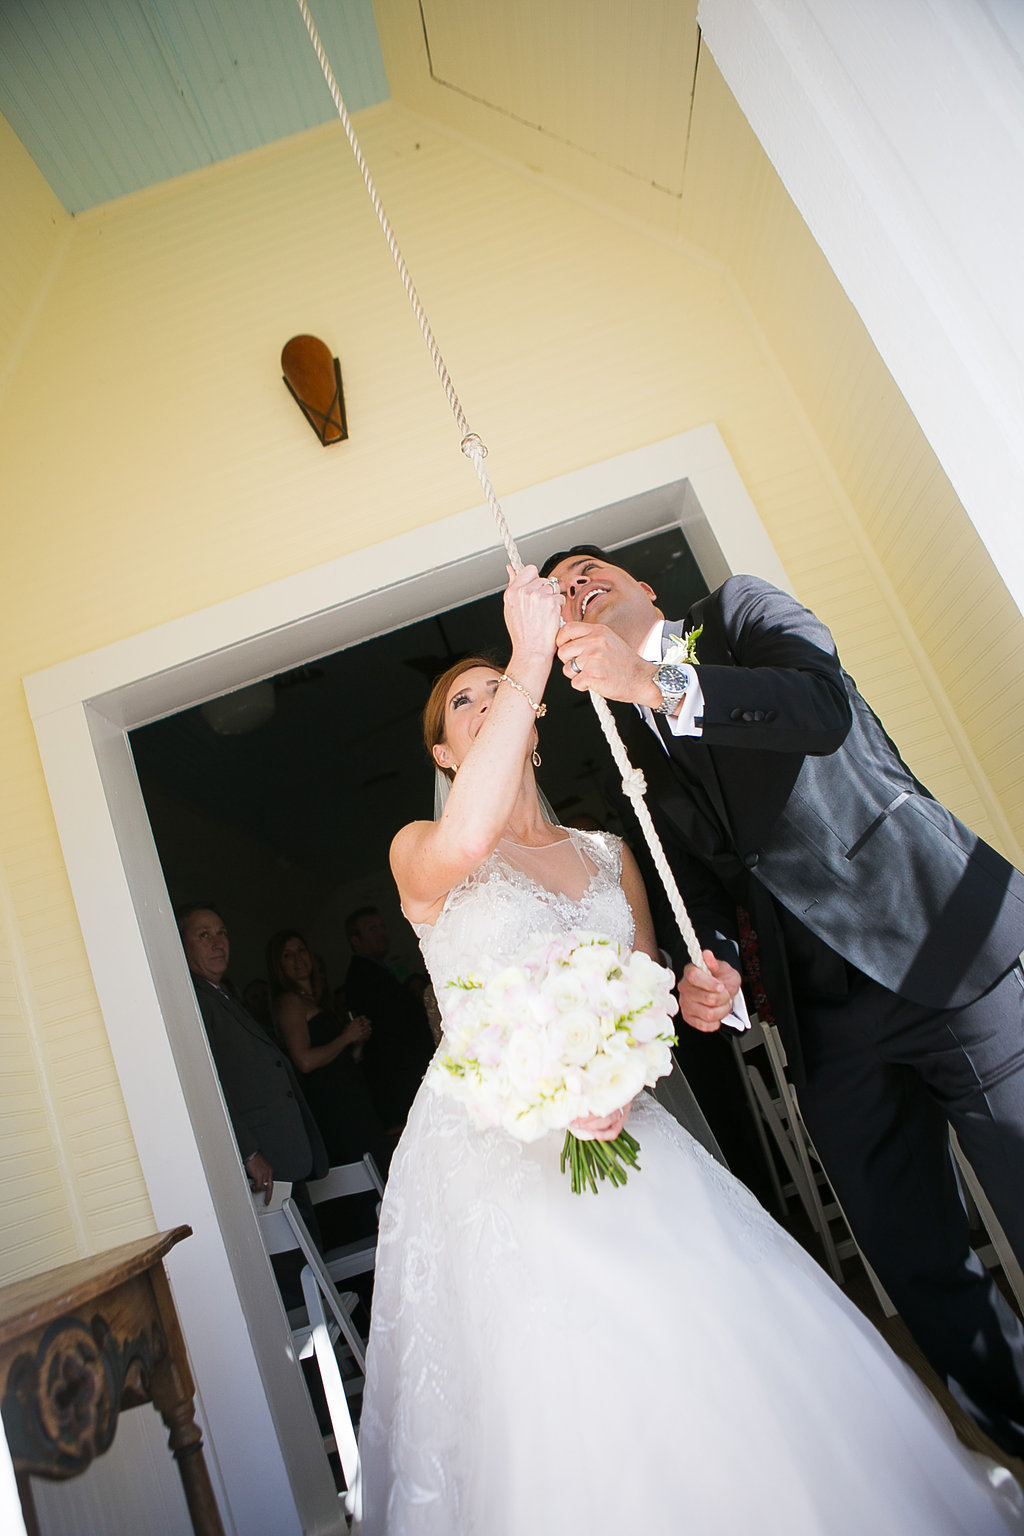 Bride & groom ringing bell at Star Hill Ranch chapel